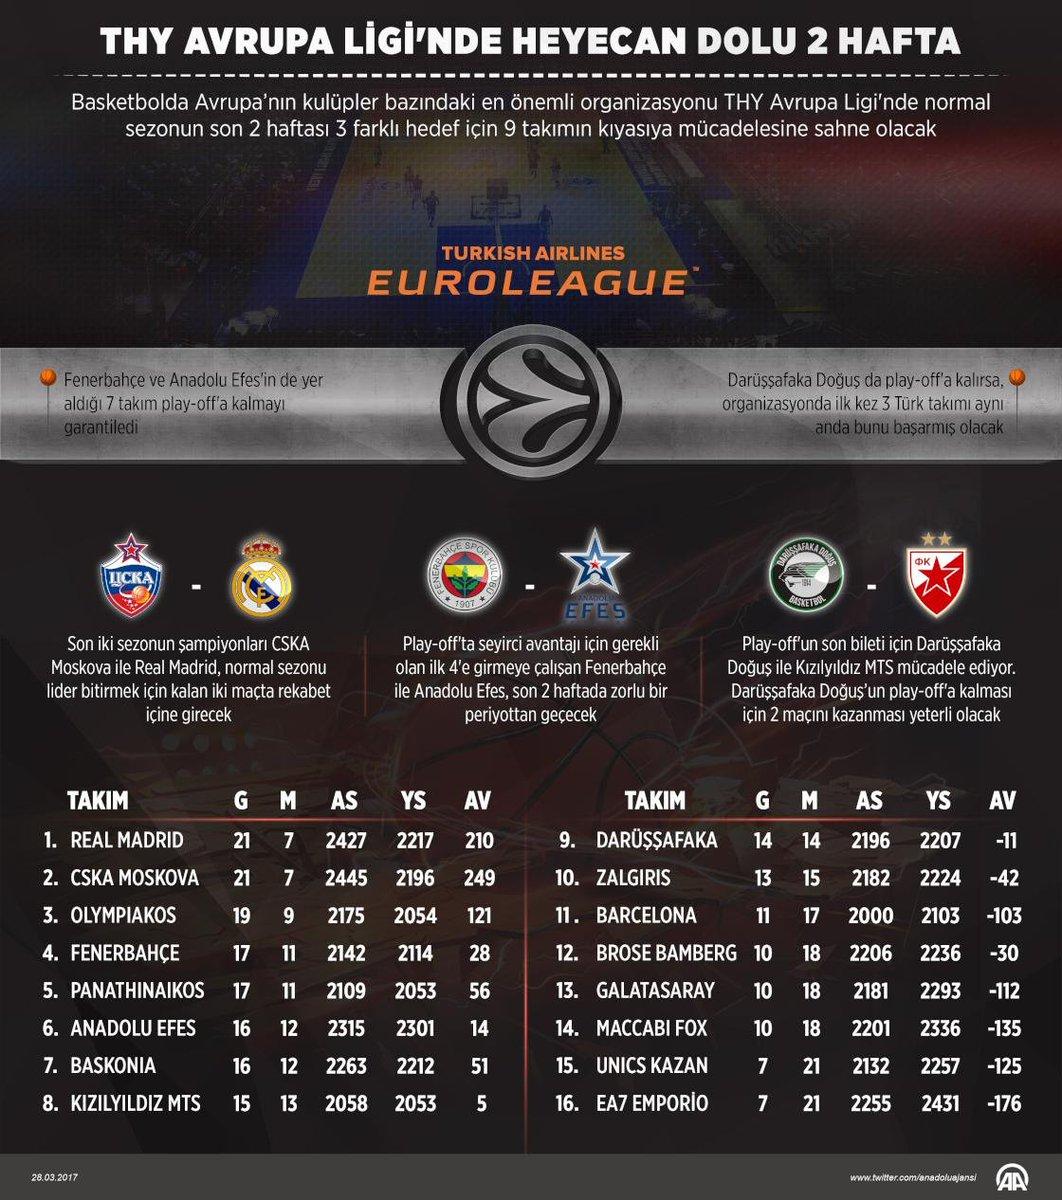 Euroleague'de normal sezonun son 2 haftası, 3 farklı hedef için 9 takı...